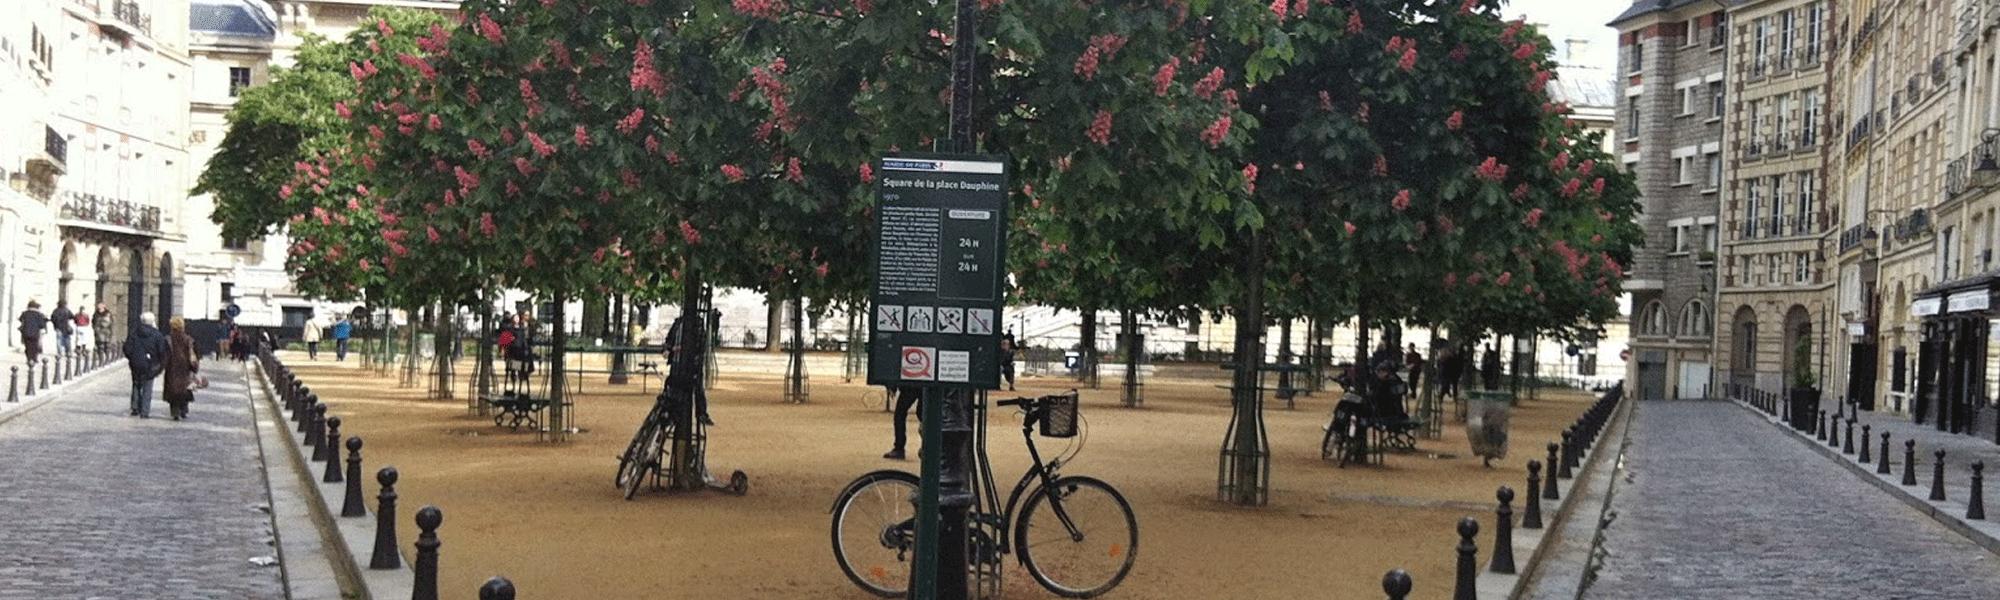 visite paris expérience photo